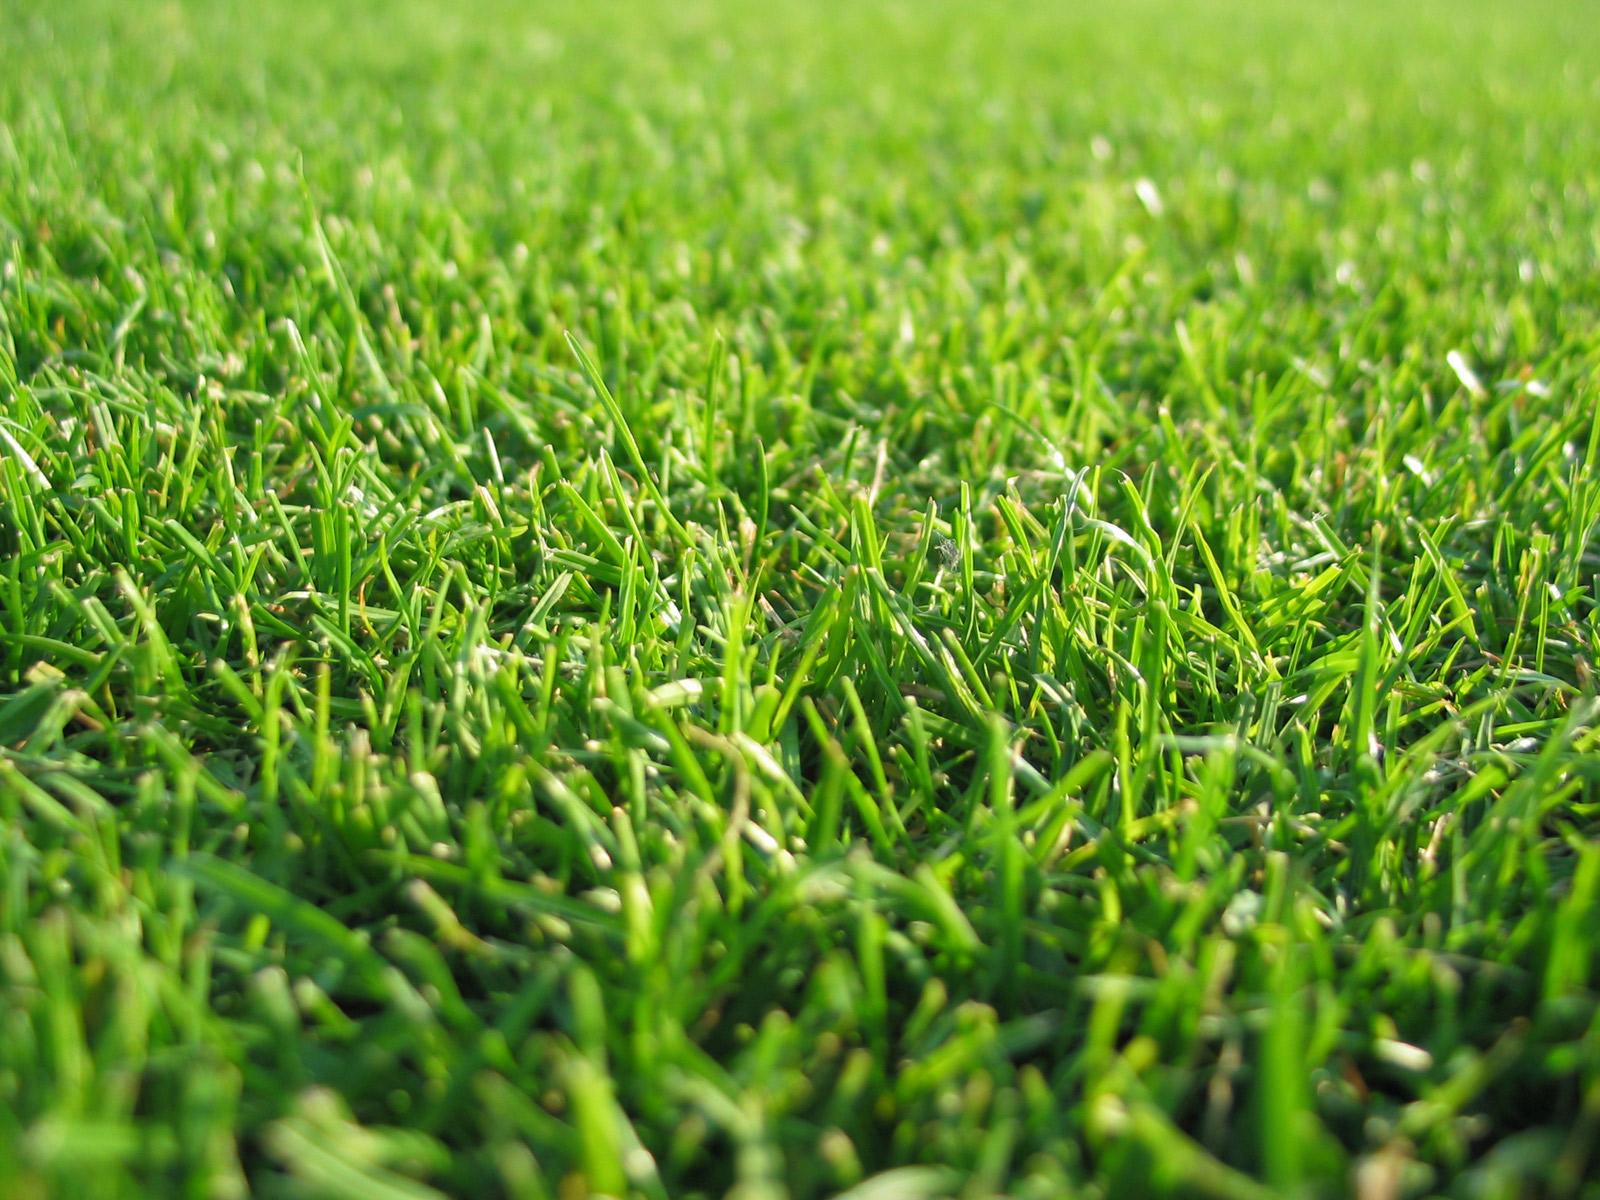 Maritza Craig: grass